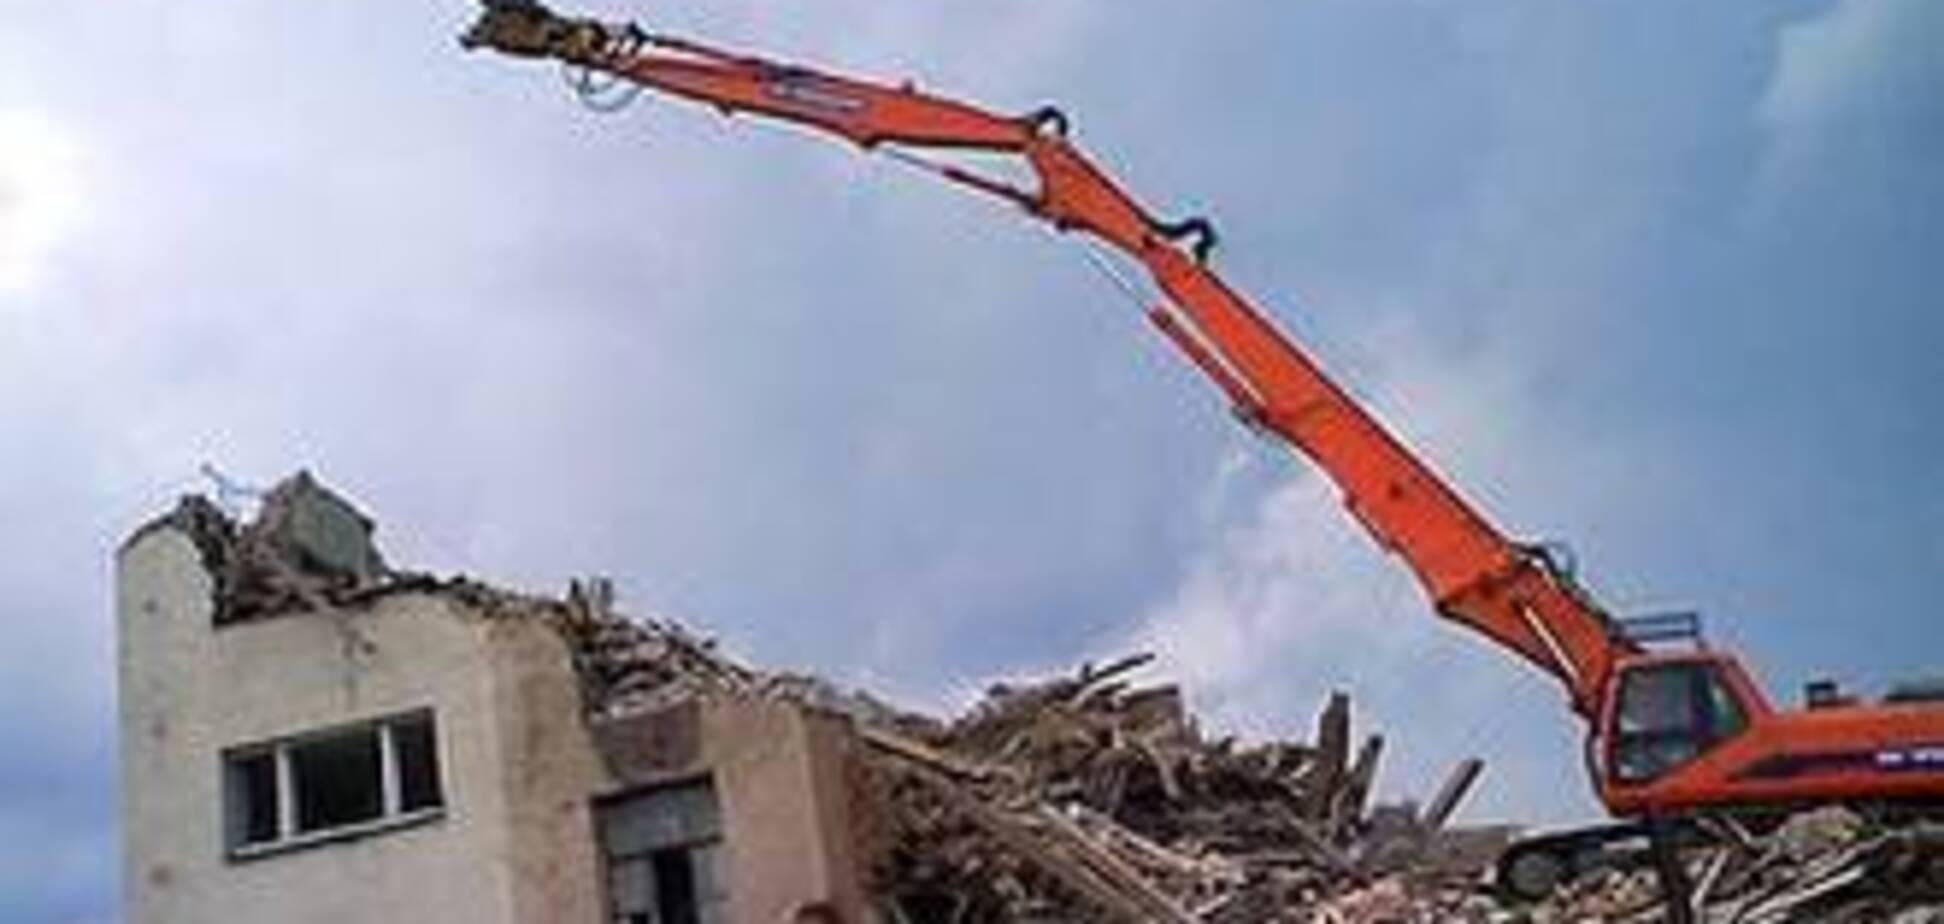 Мешканці багатоповерхівки загрожують владі масовим суїцидом